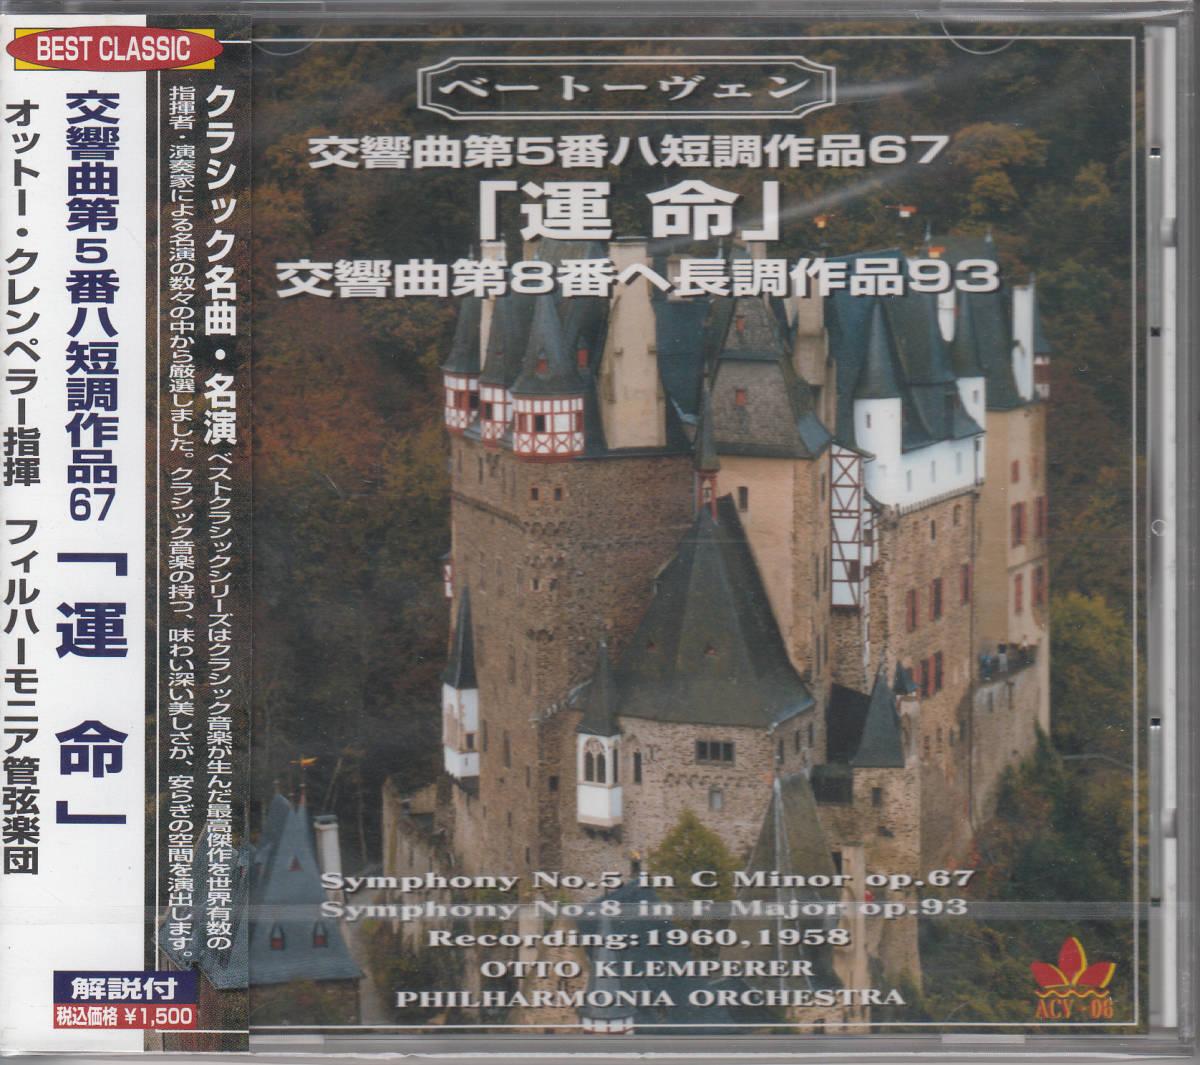 ◆新品・送料無料◆ベートーヴェン:交響曲第5番「運命」、第8番~クレンペラー、フィルハーモニア管弦楽団 ACV6_画像1